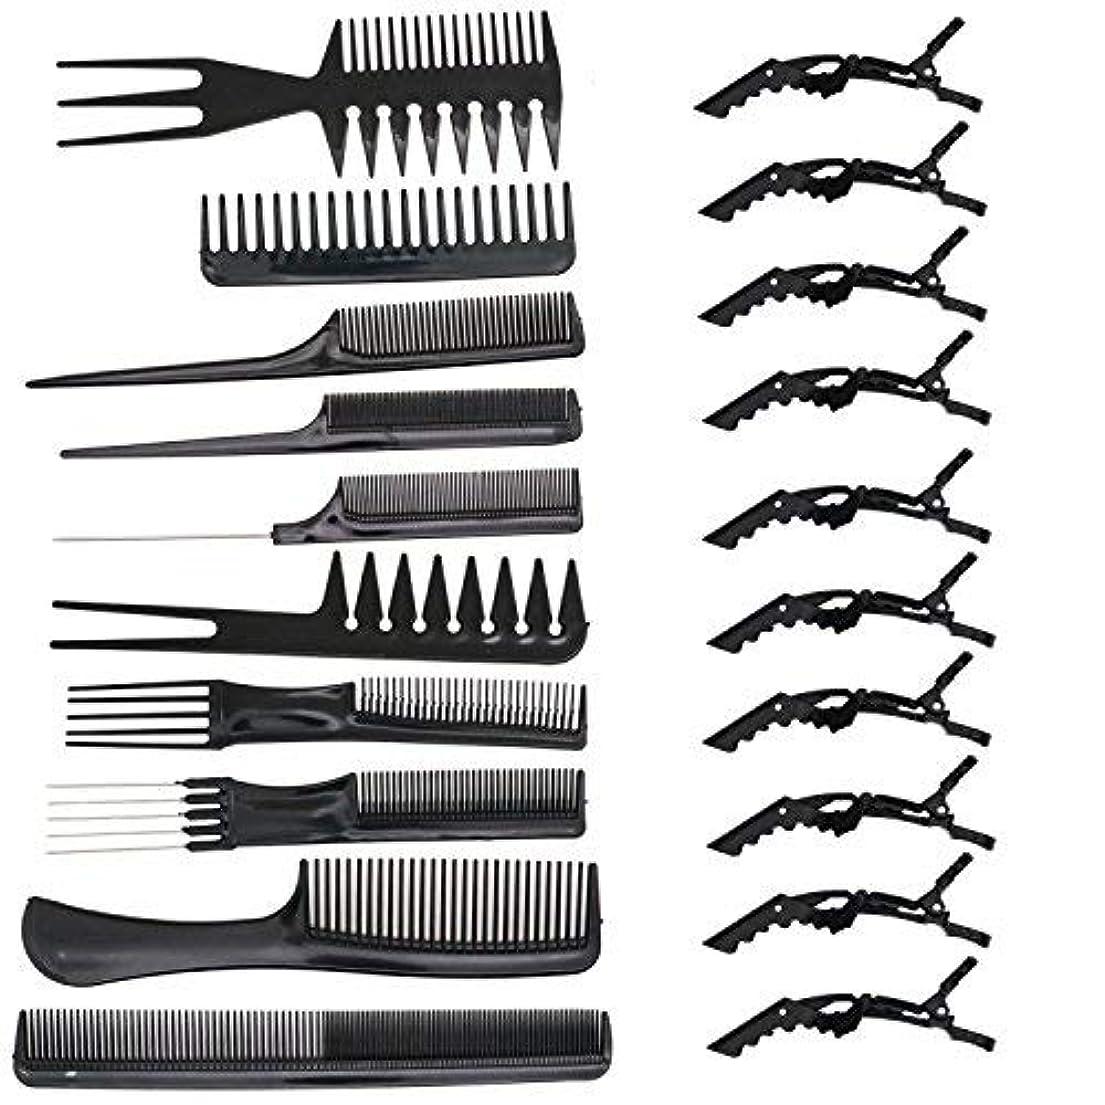 主に会計士迷信HUELE 10 Pcs Professional Hair Styling Comb with Styling Clips Hair Salon Styling Barbers Set Kit [並行輸入品]